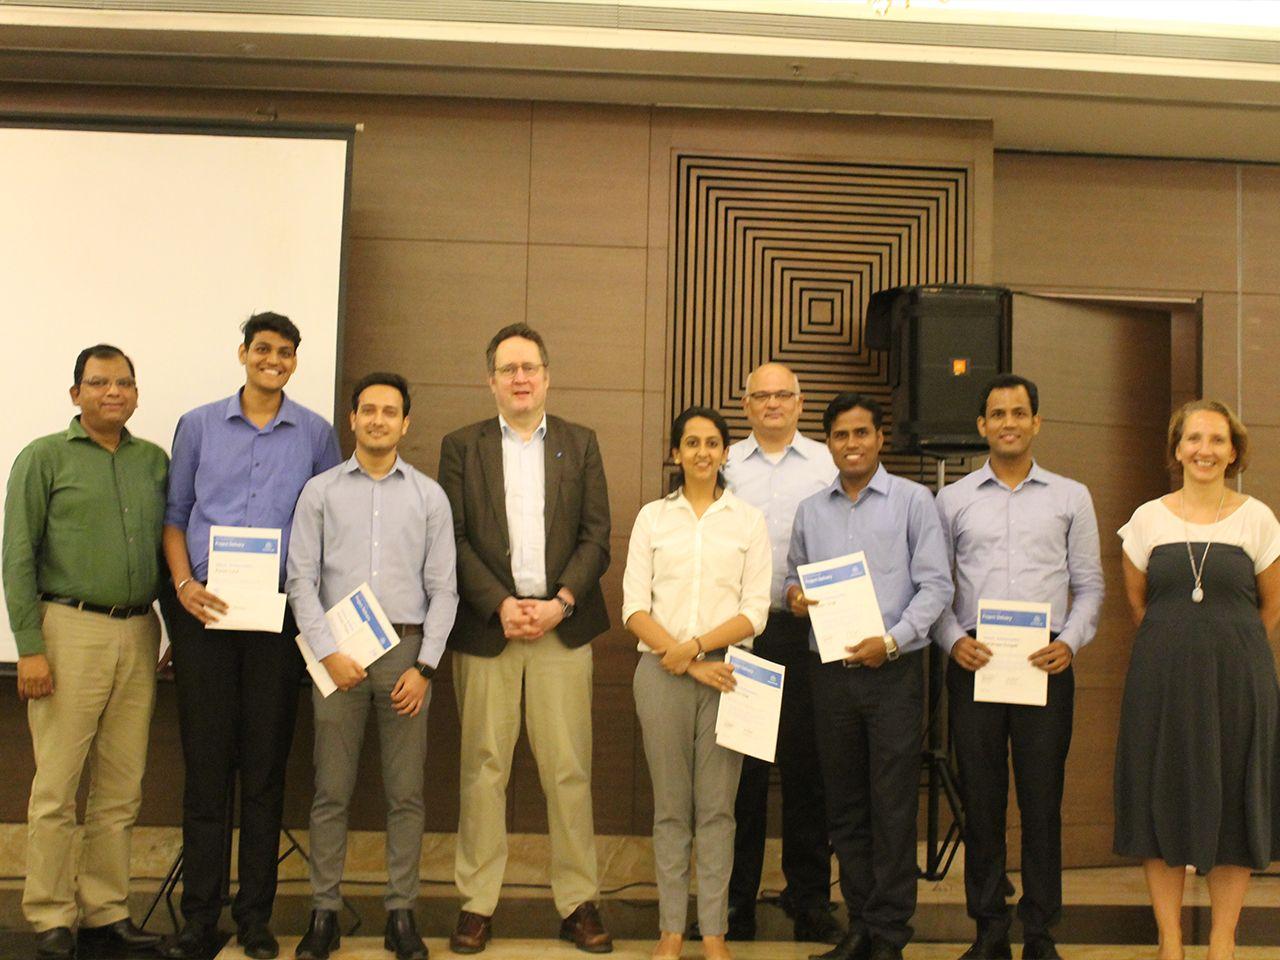 Gemeinsam ans Ziel: Die erfolgreiche Überführung der E-Commerce -Plattform Onlinemetals.com in SAPHybris hat das internationale Team enger zusammengeschweißt.